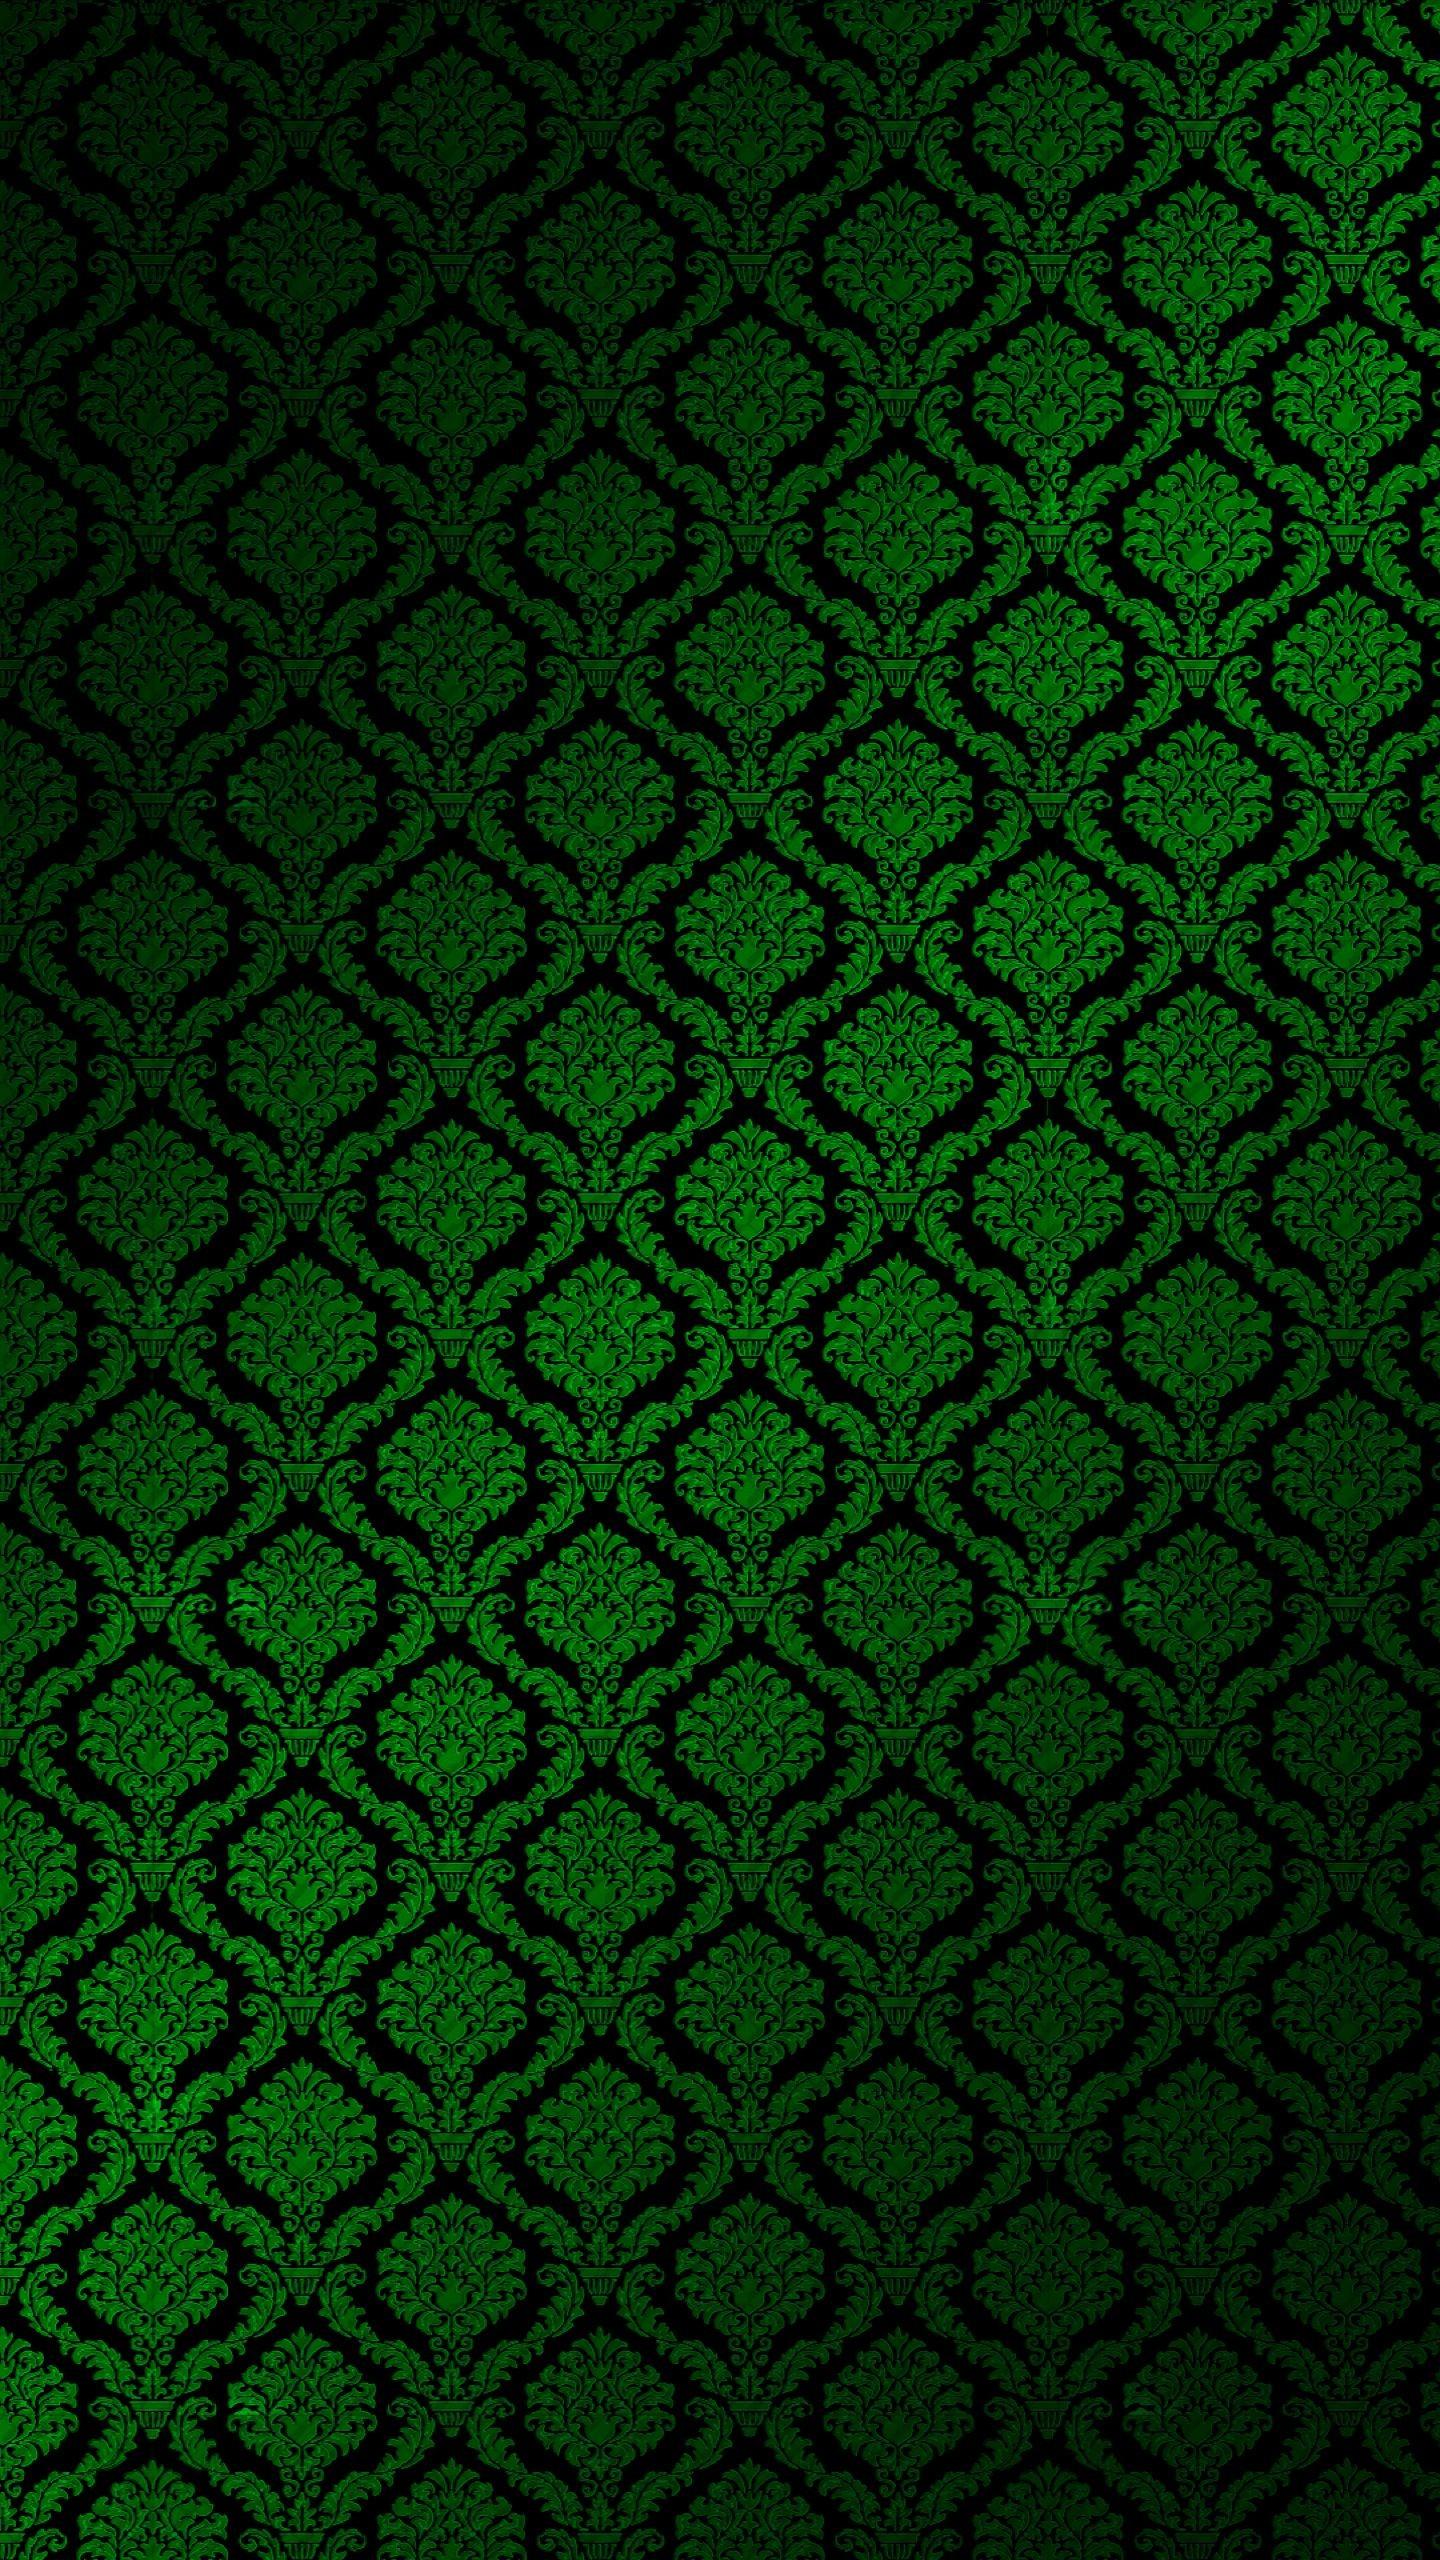 Ablackcoolgreen. Smart Phone WQHD wallpaper